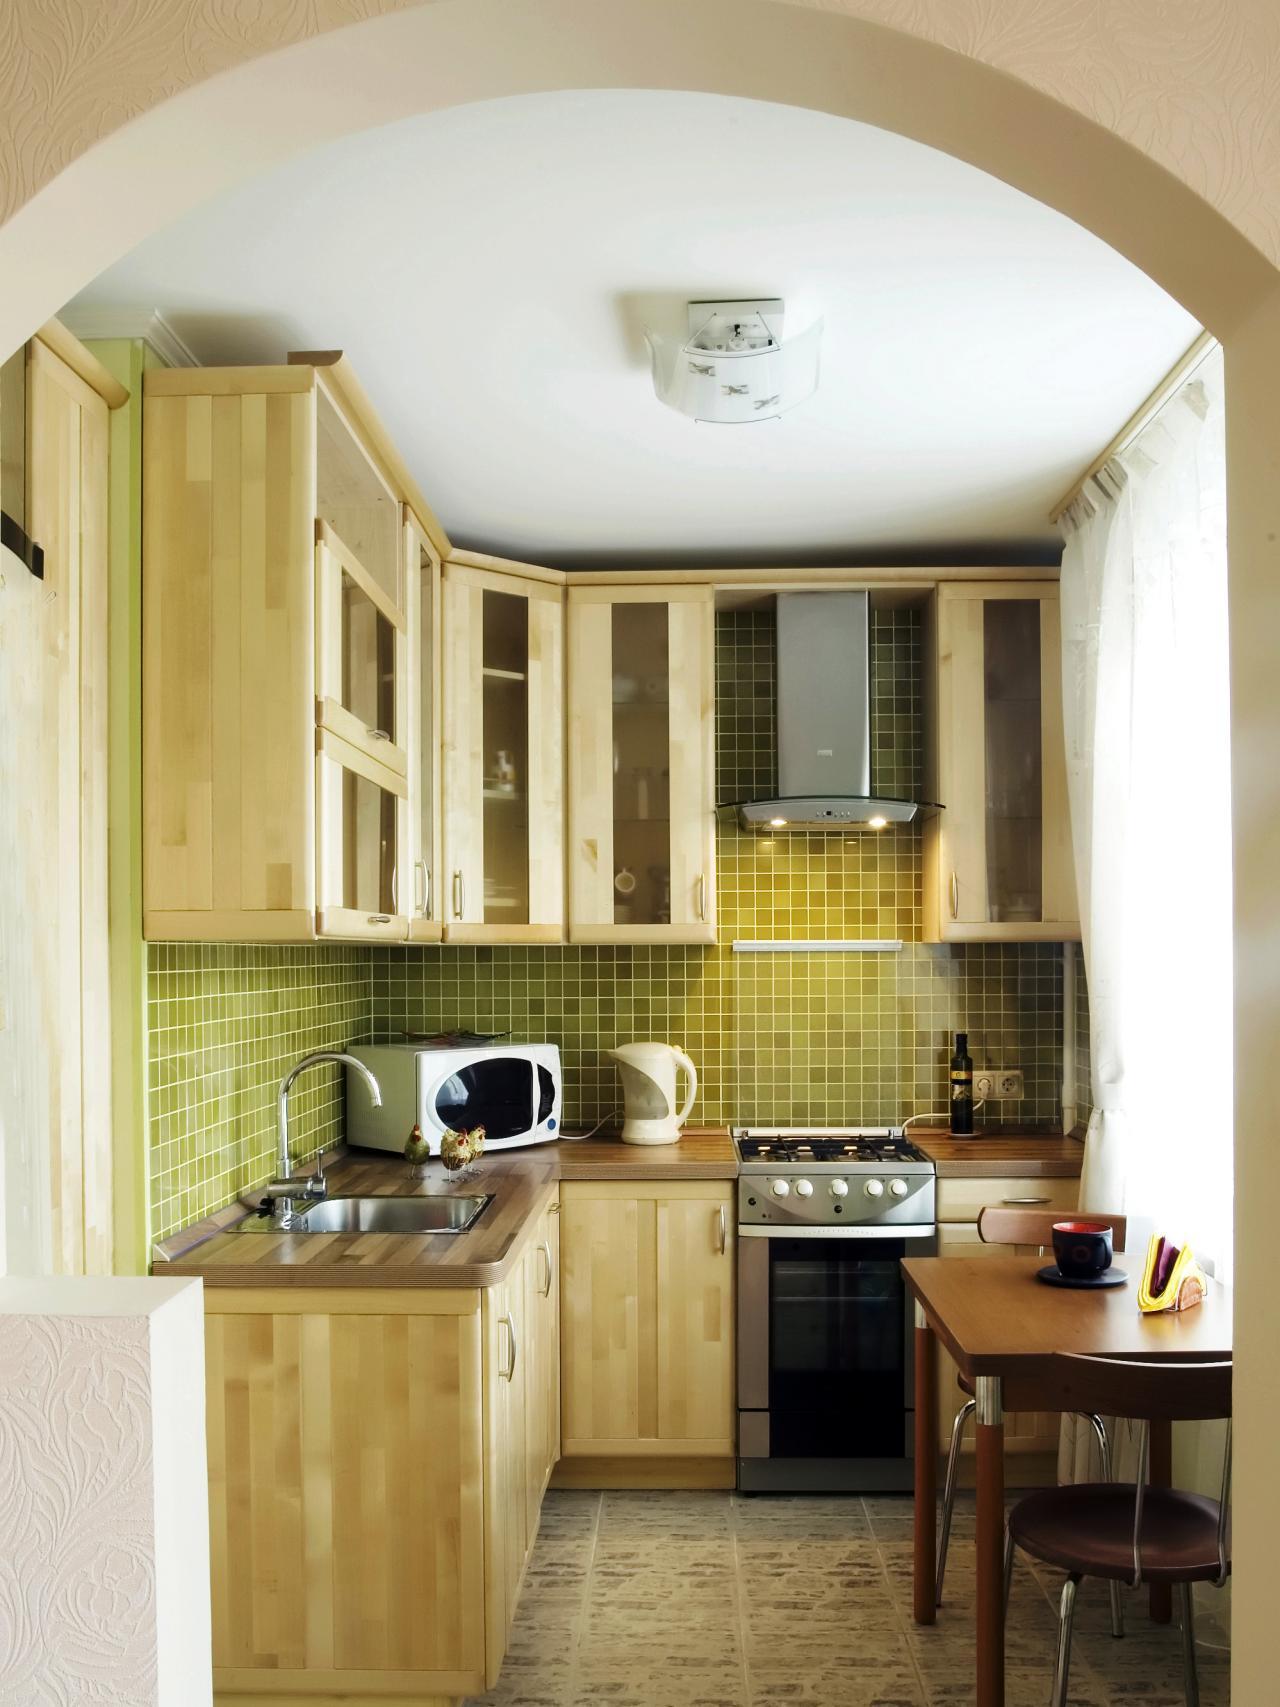 Modelos de Cozinha Pequena e Simples